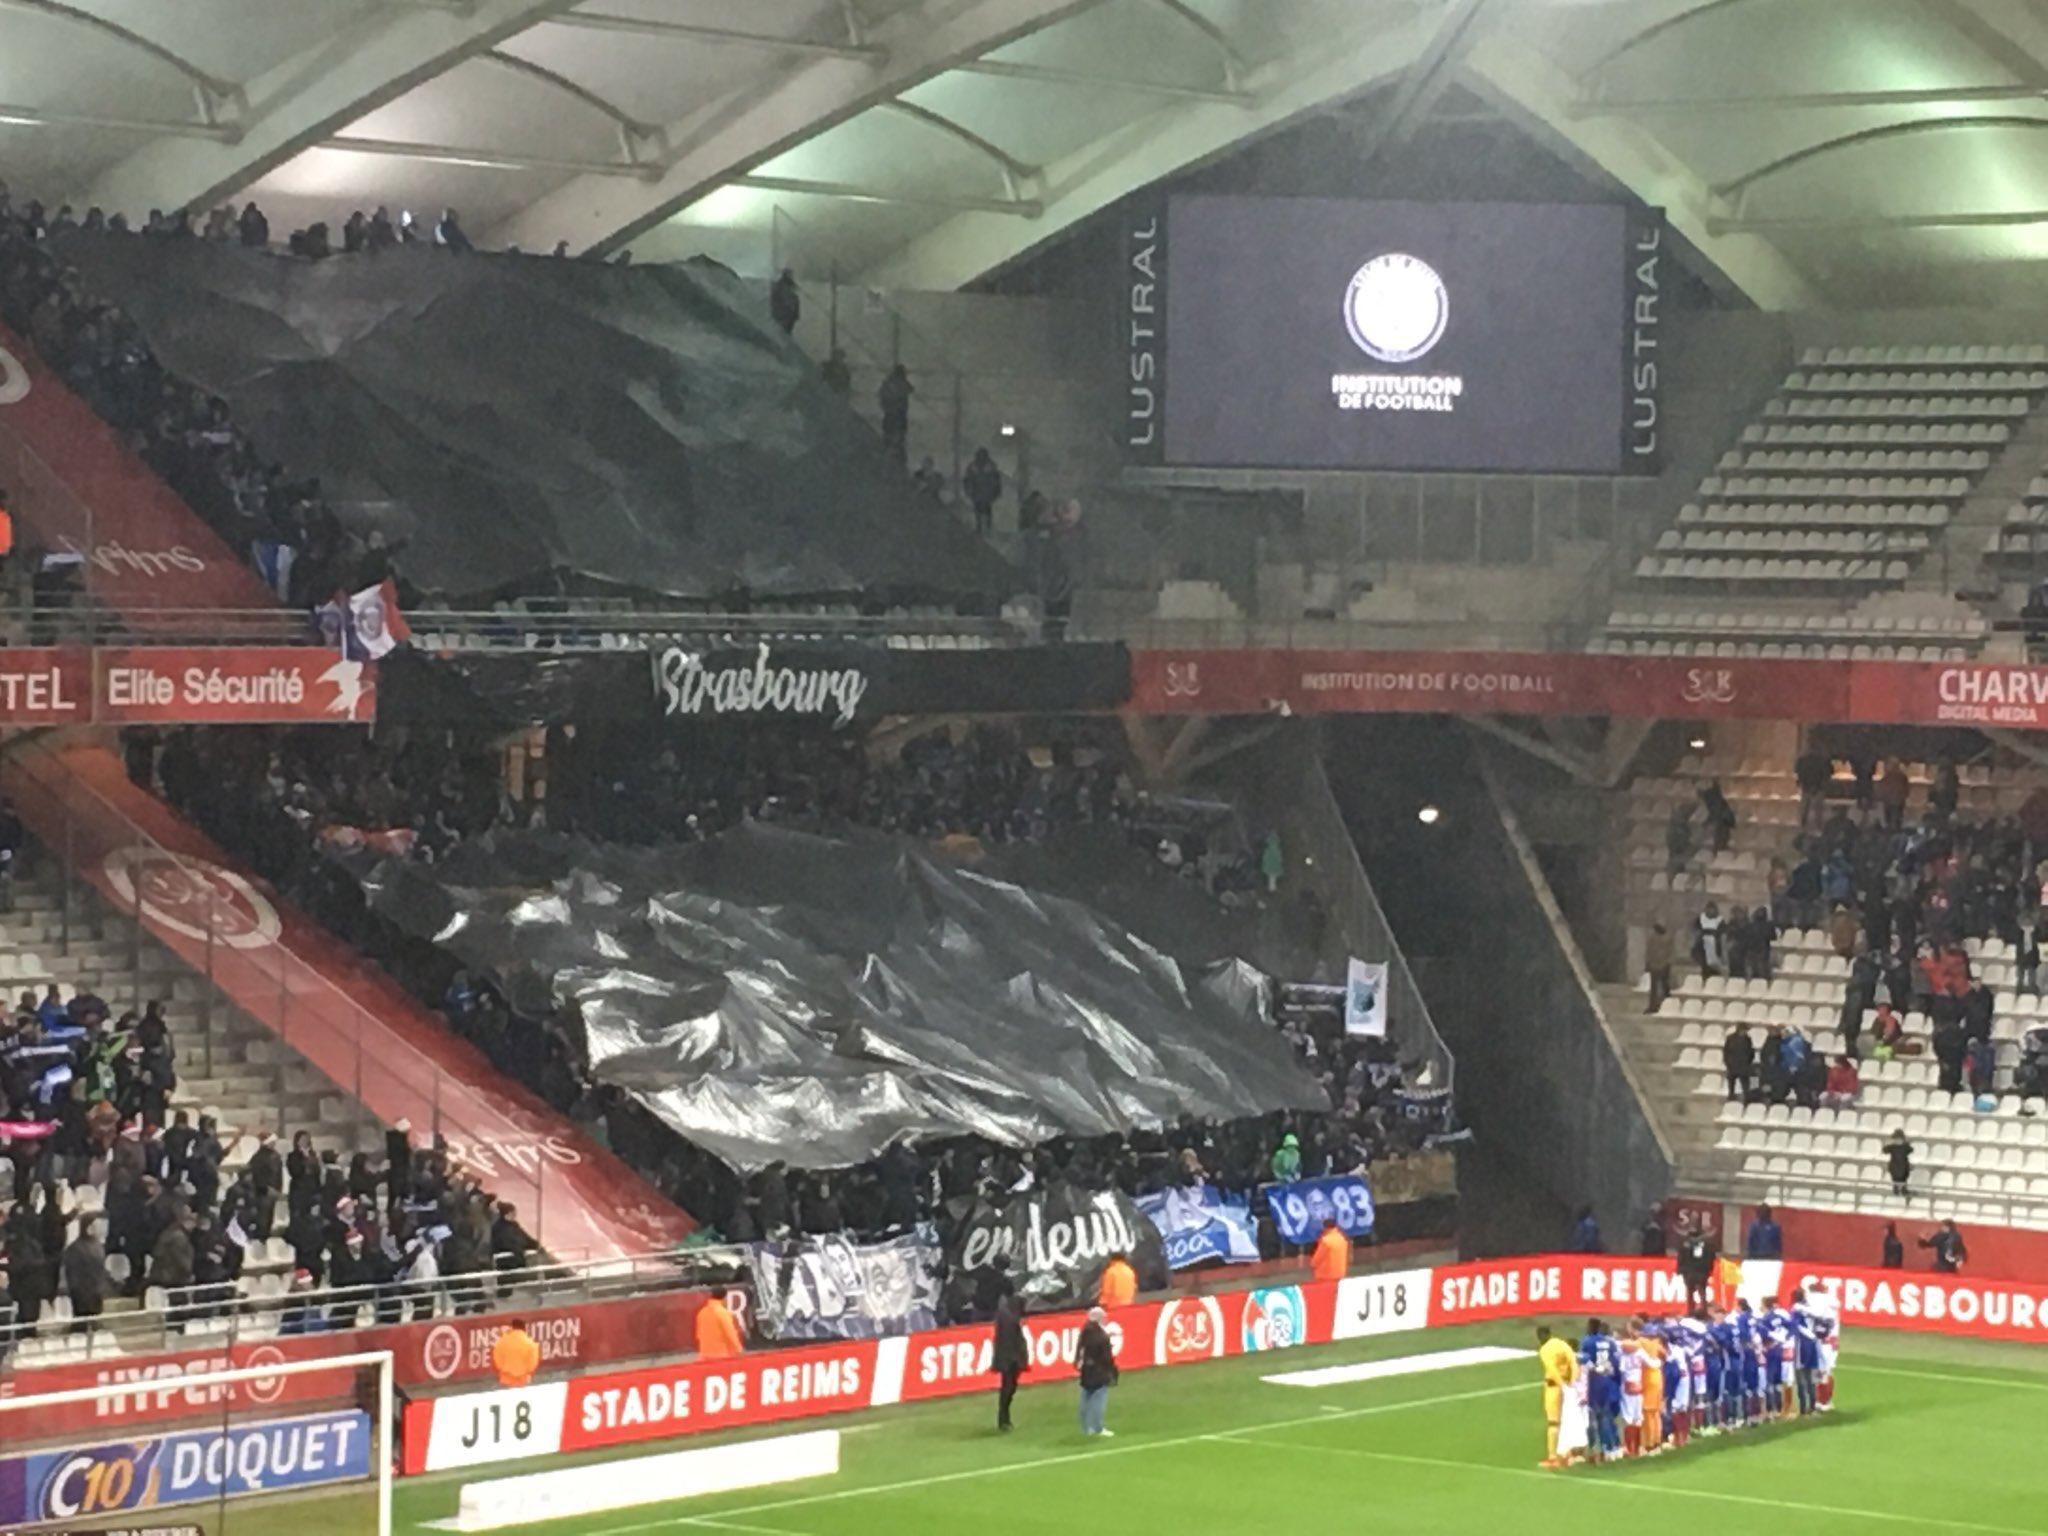 Reims-Strasburgo, la Ligue 1 ricorda la strage